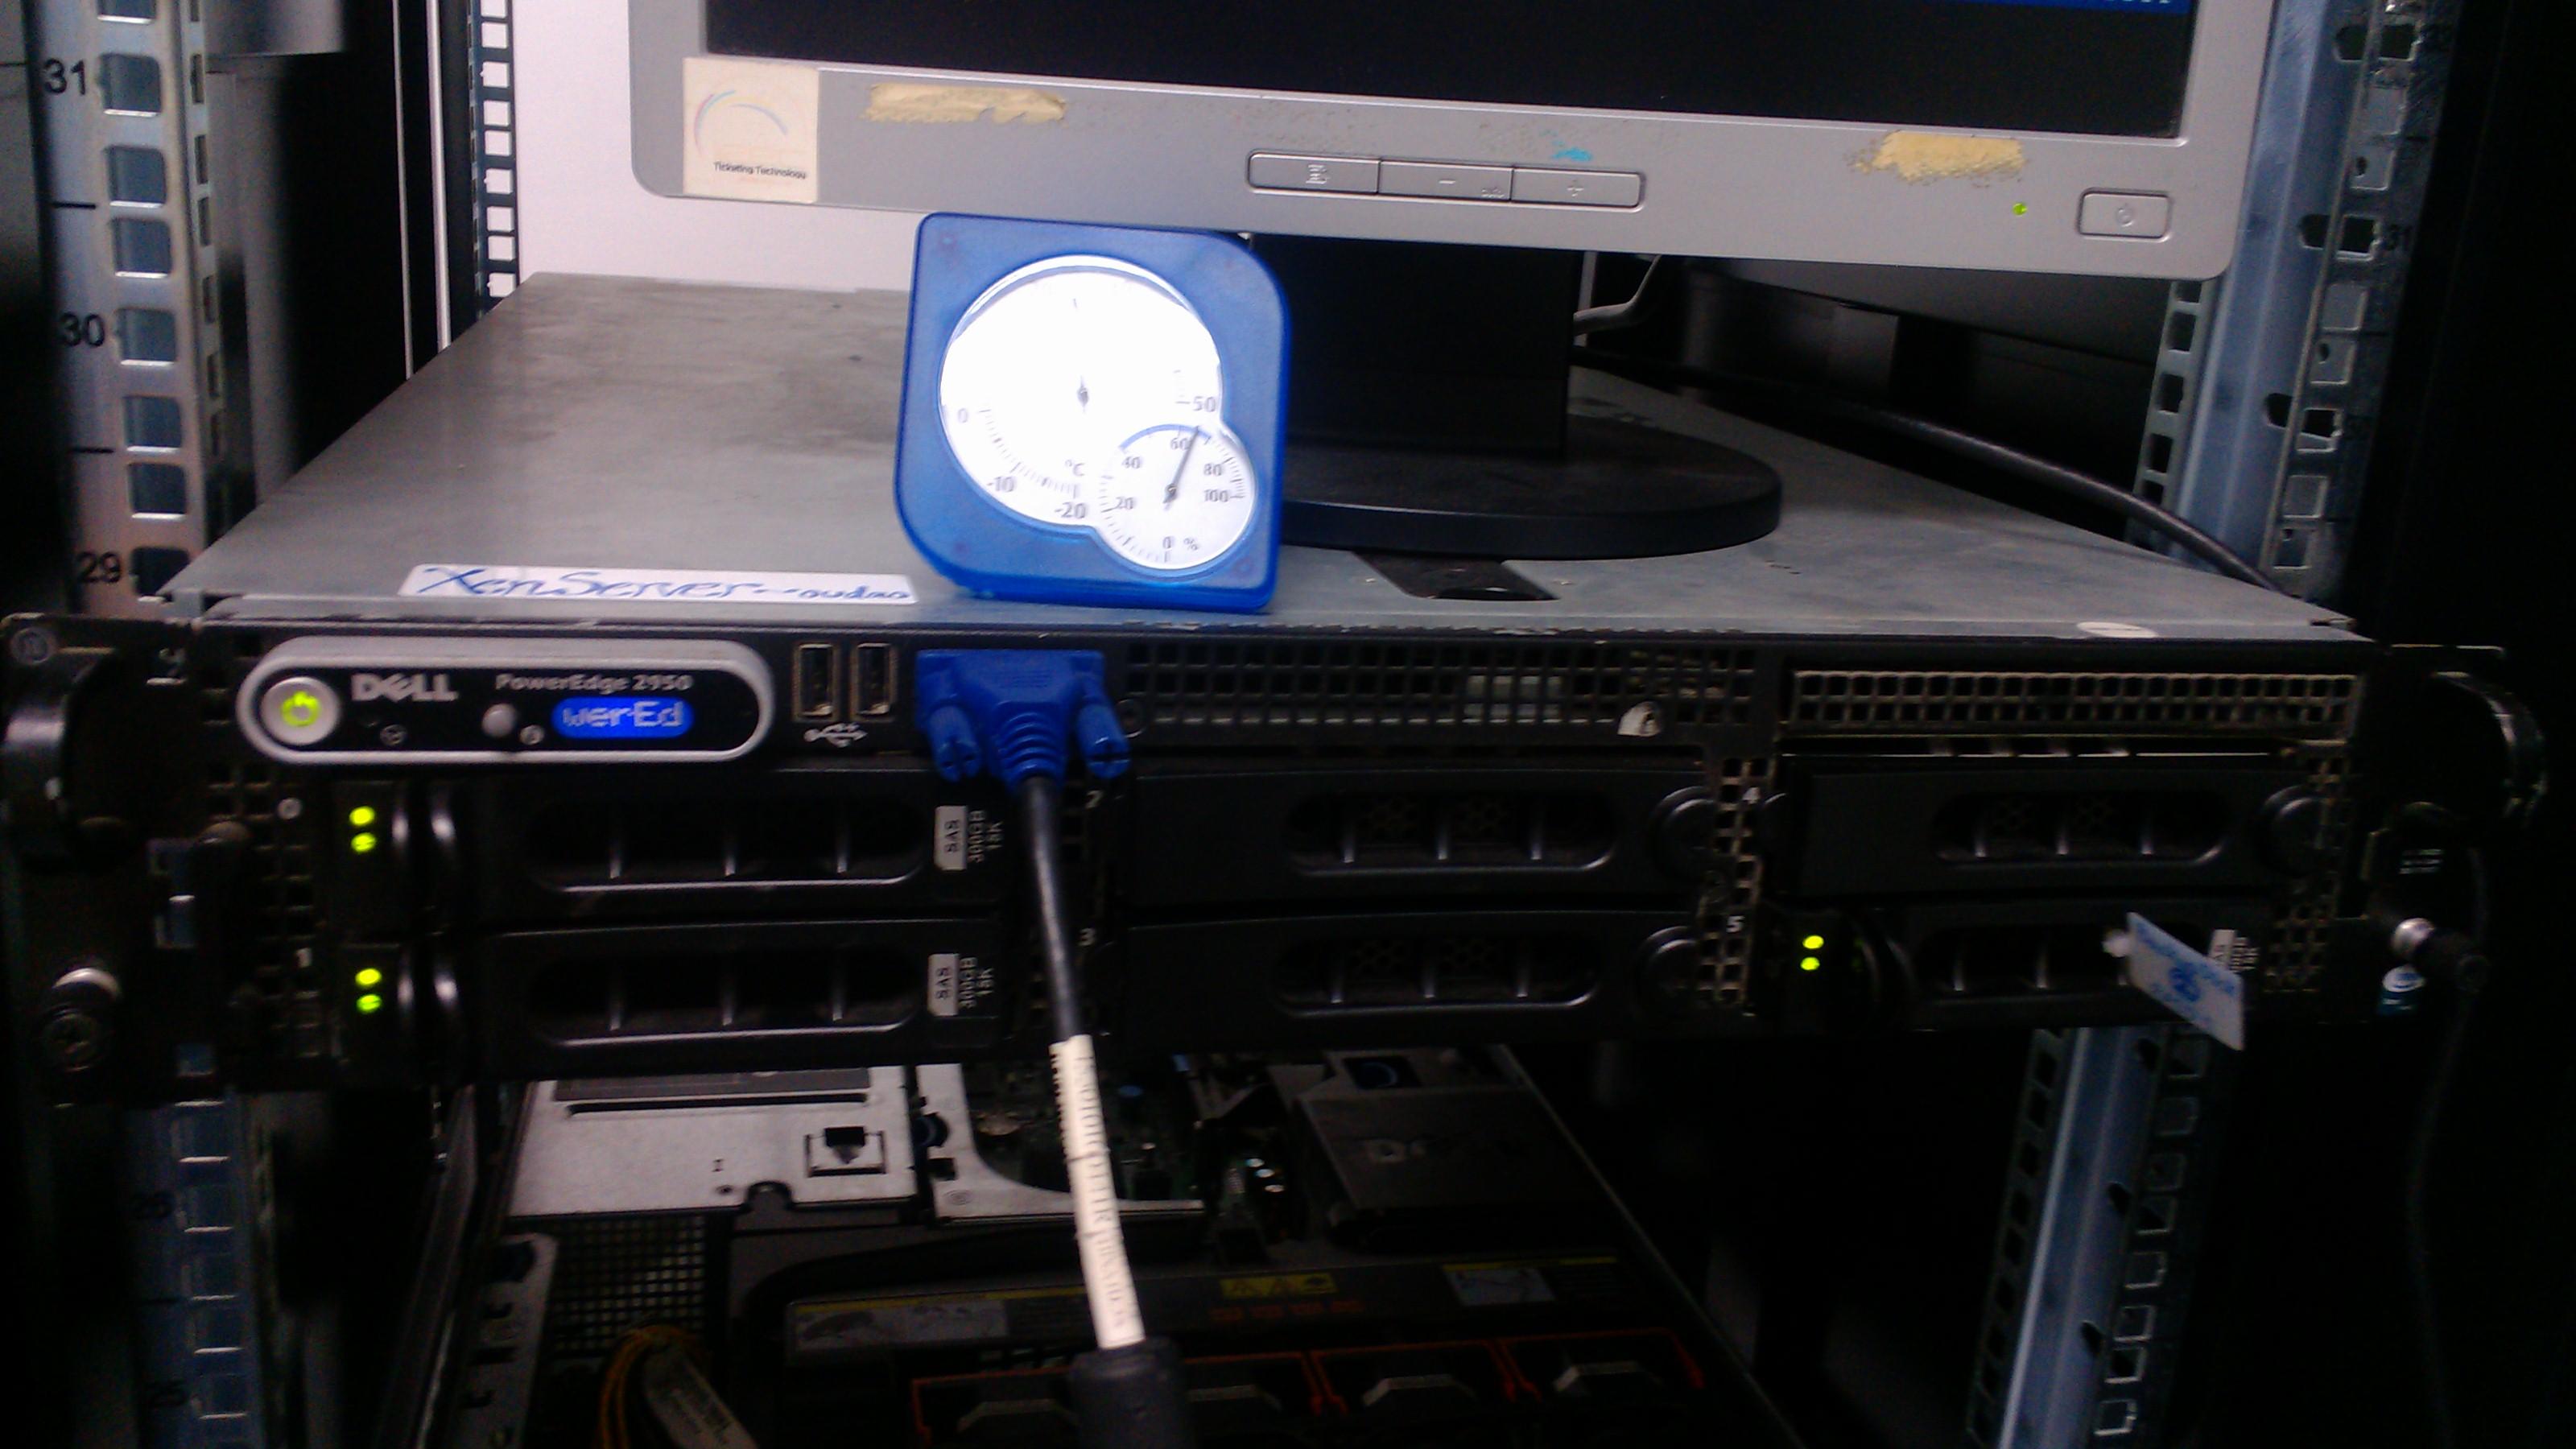 Dell PowerEdge 2950 used for test  - Martin DENIZET